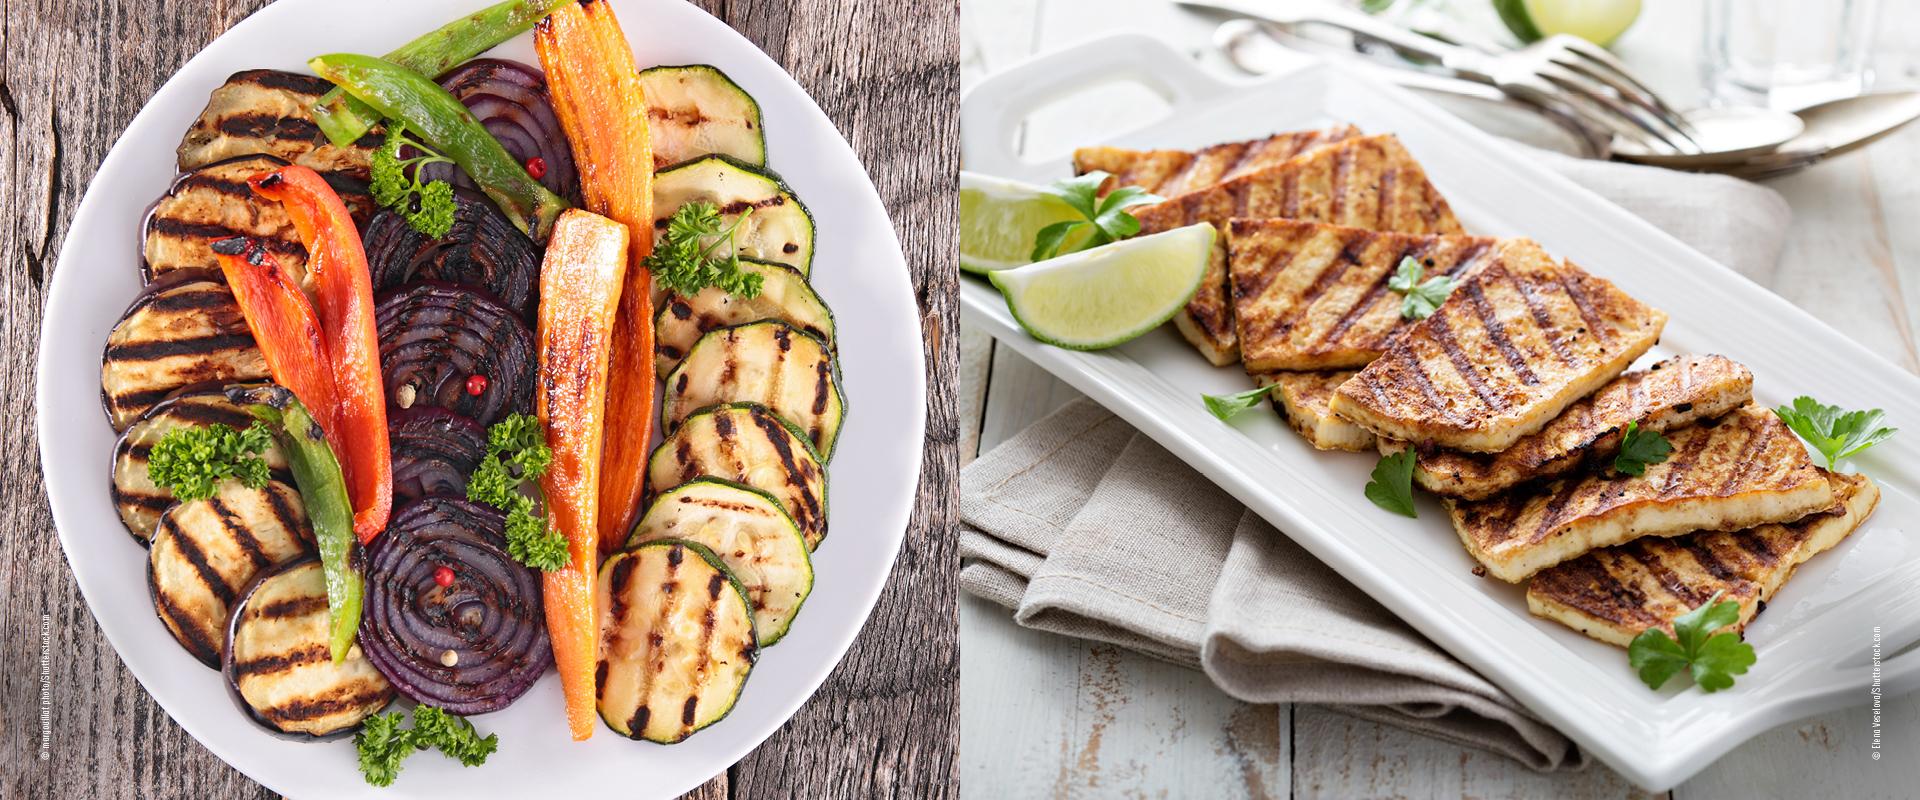 Vegan Grillen Gemüse & Tofu